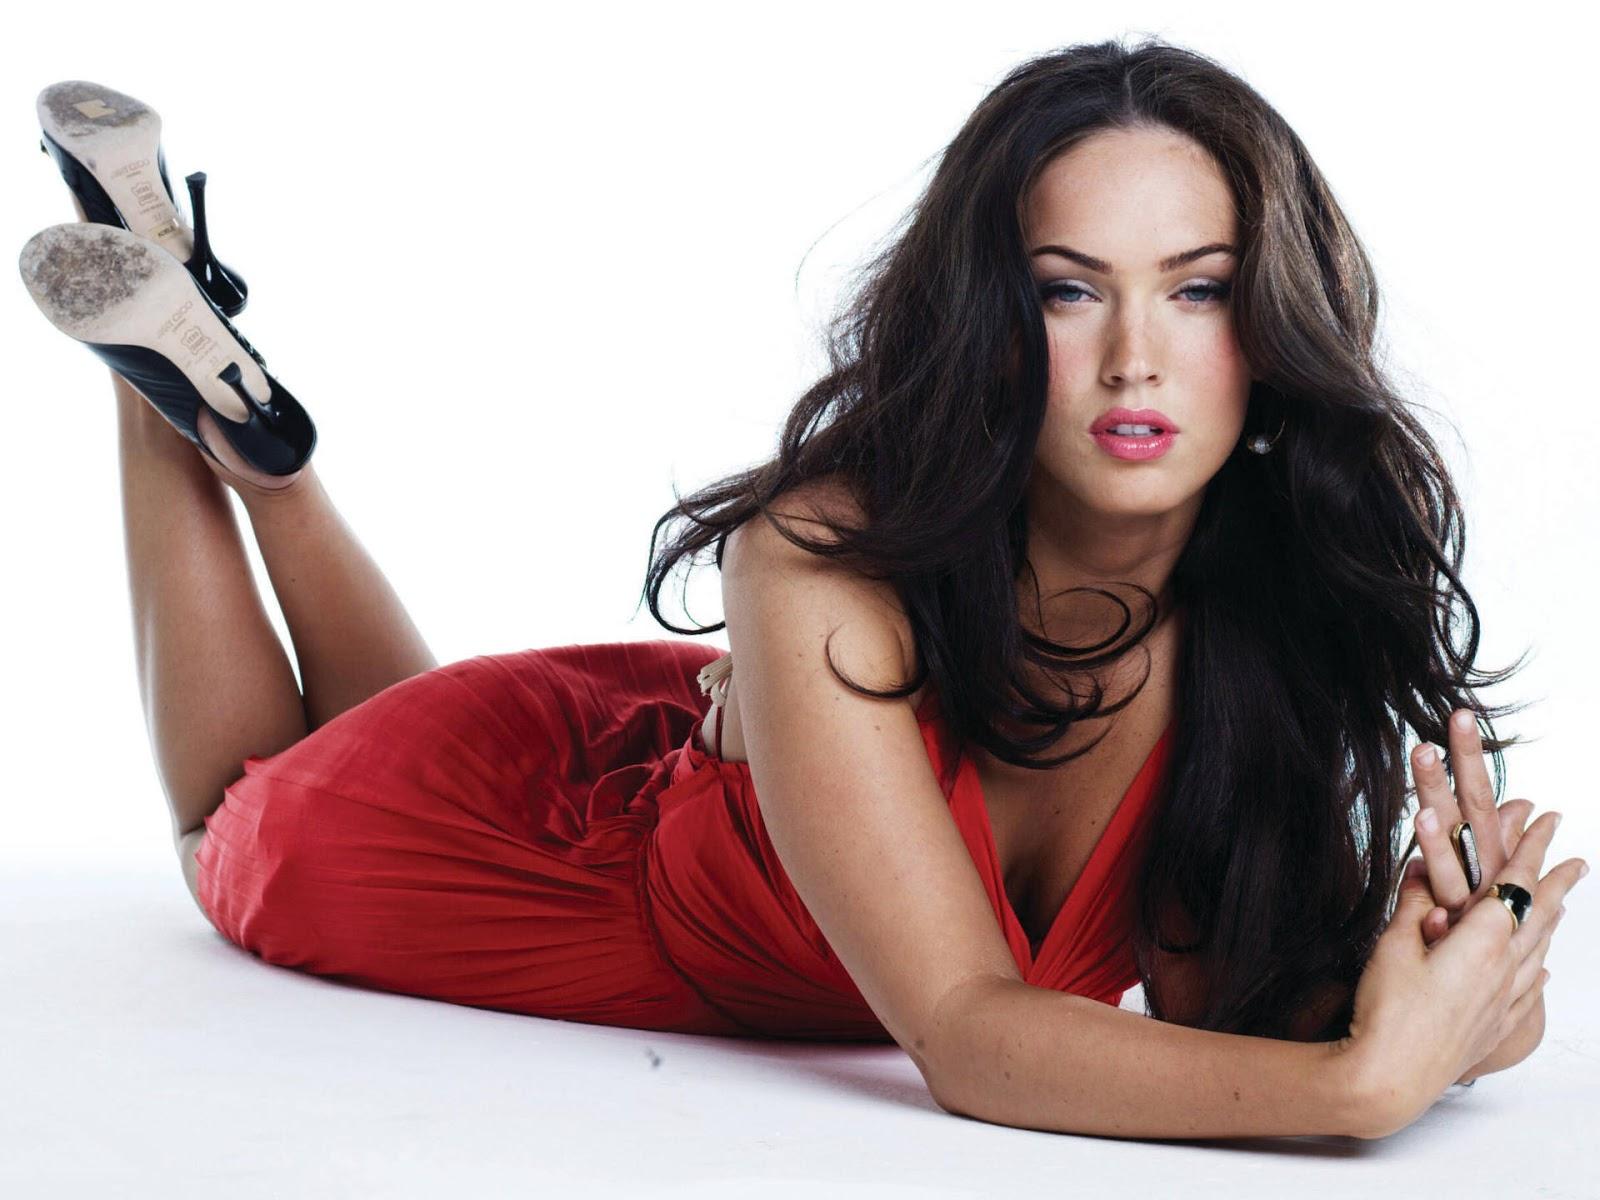 Megan fox sexy vestido rojo